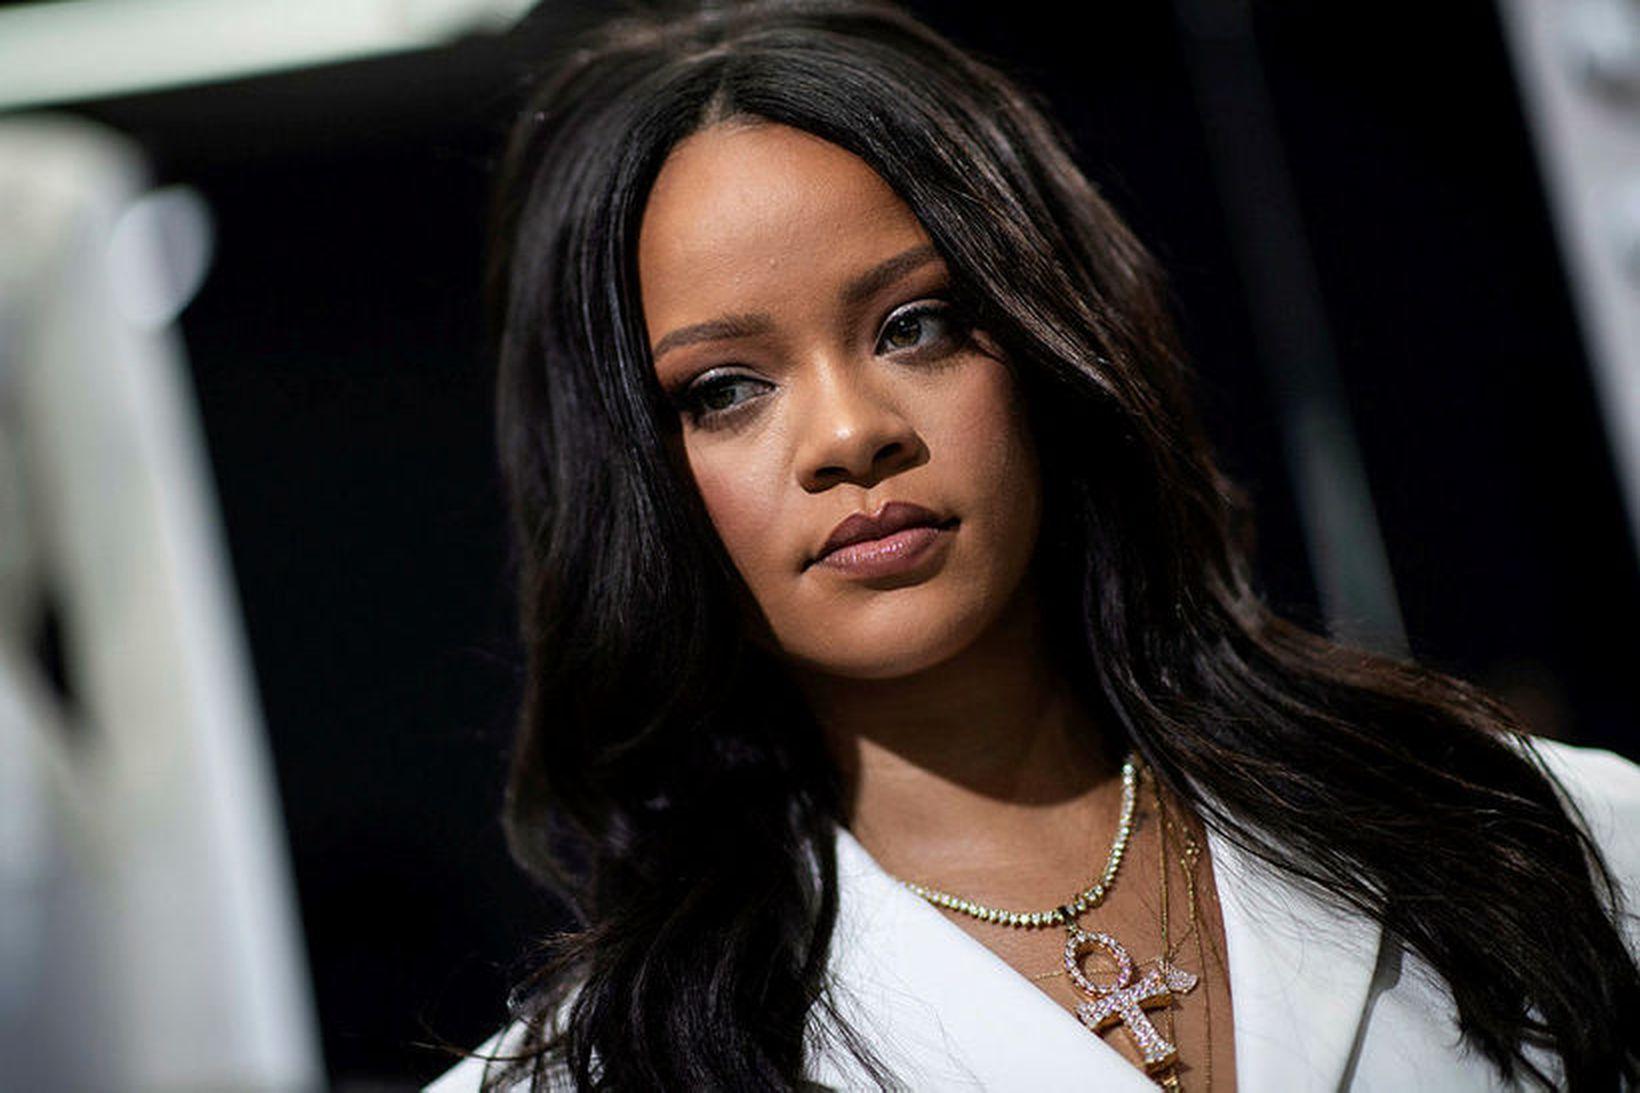 Rihanna seldi sýningarréttinn að tískusýningu sinni á tískuvikunni í New …